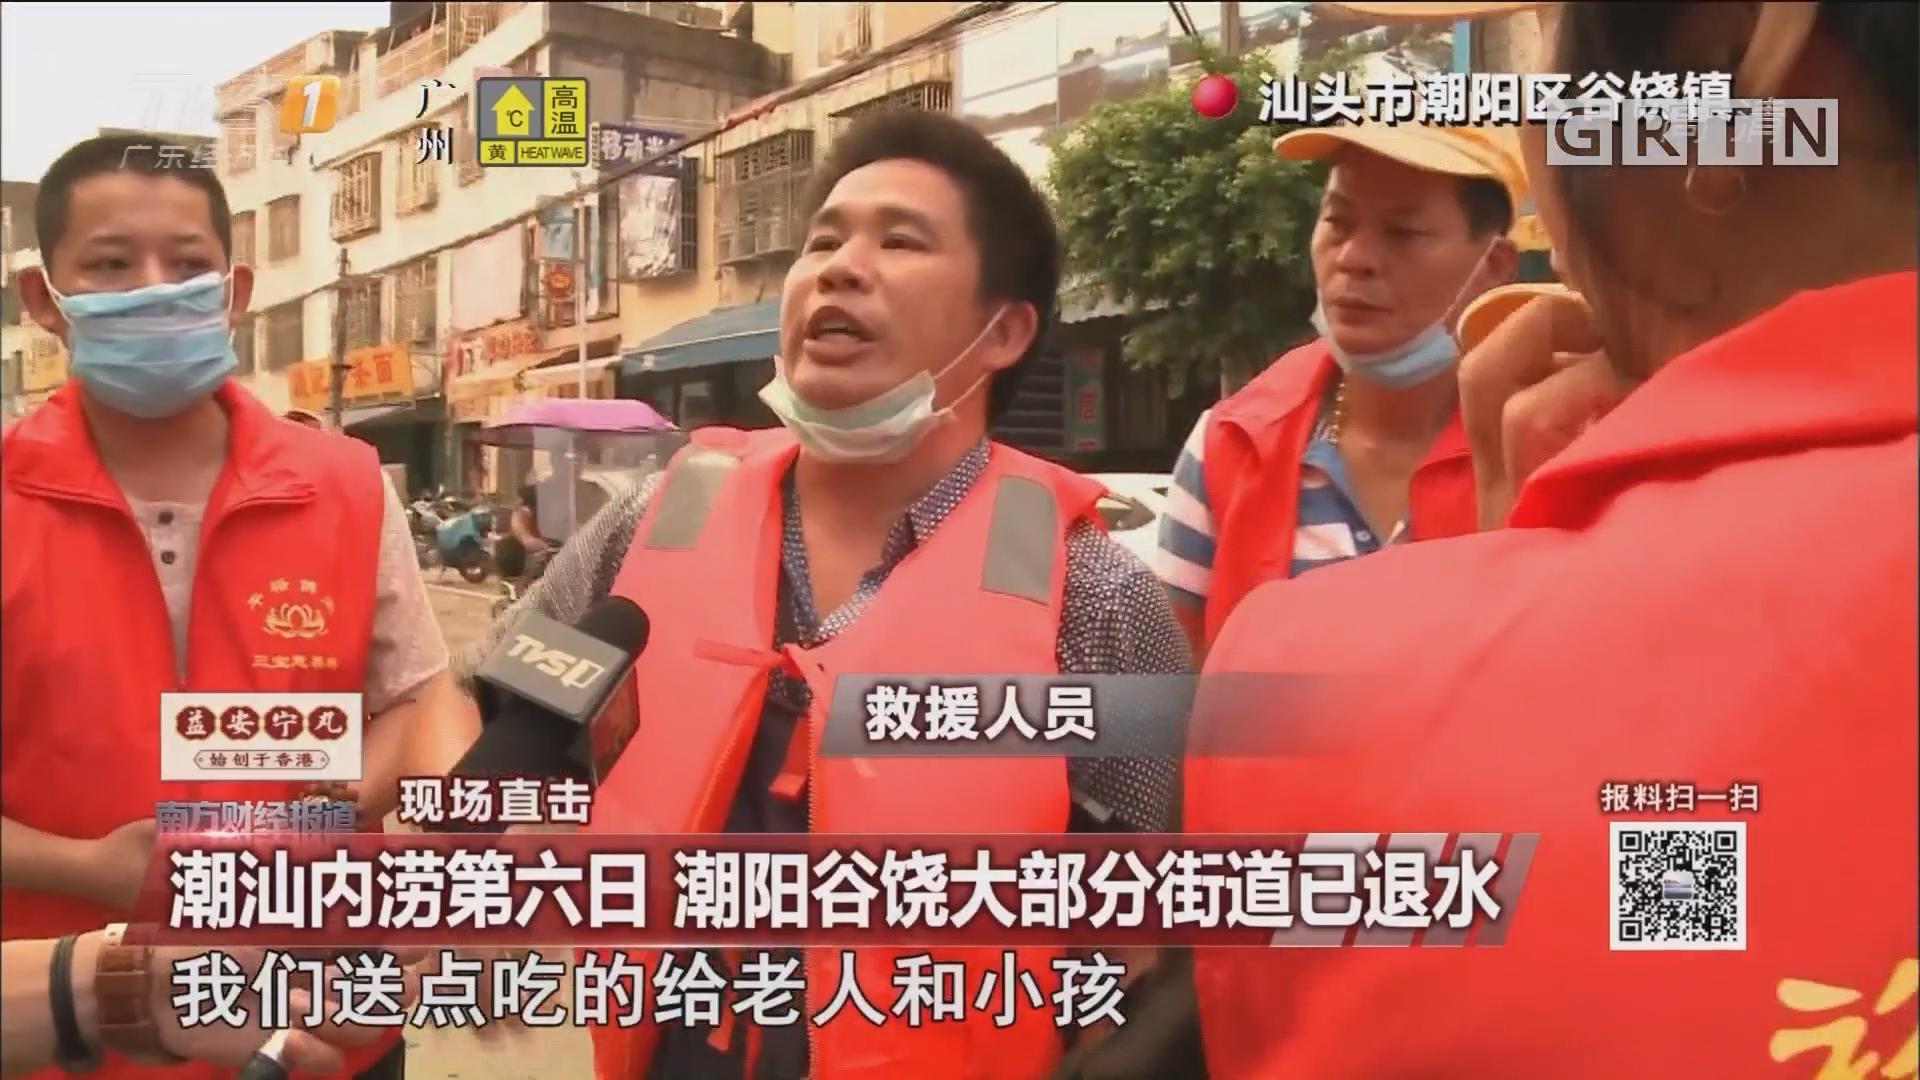 潮汕内涝第六日 潮阳谷饶大部分街道已退水